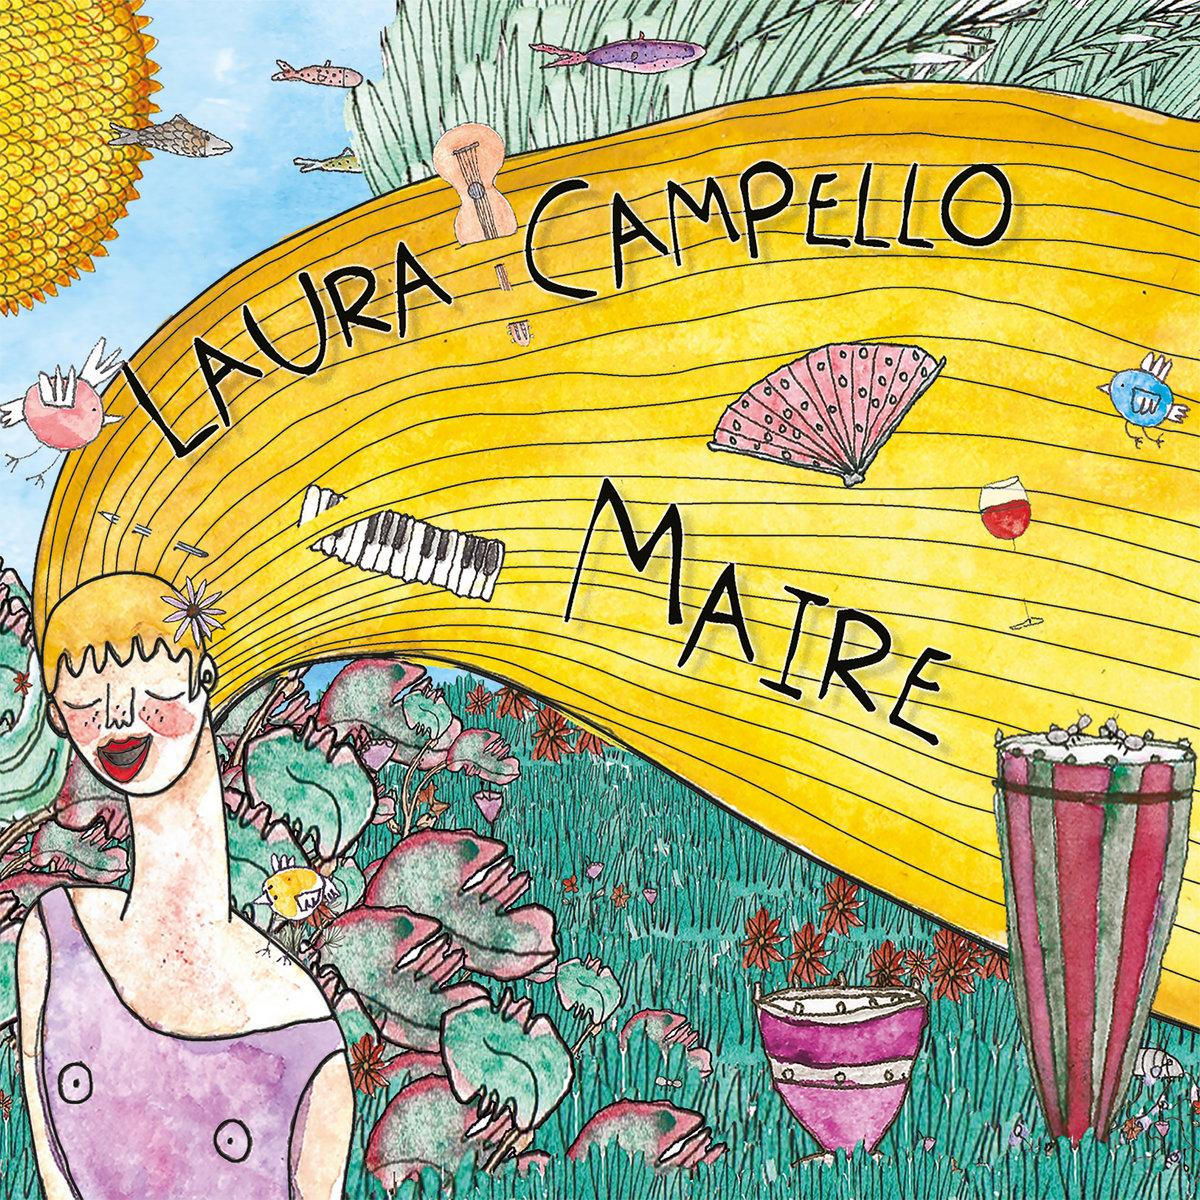 Maire | Laura Campello